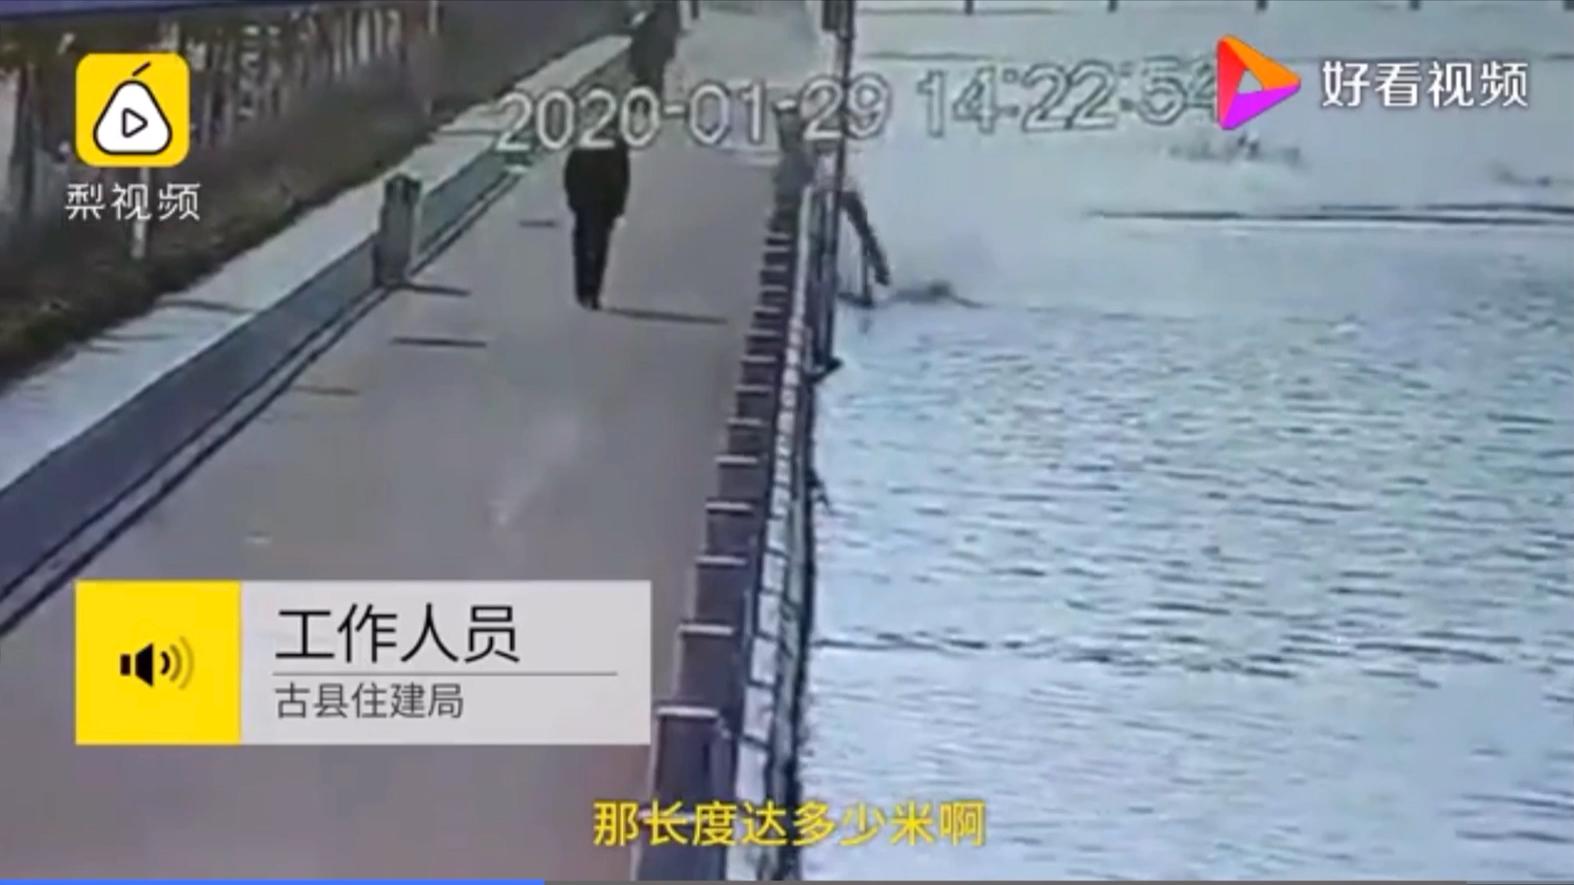 自己都懵了!男子一脚踹倒215根栏杆,受损688米溅起一片水花